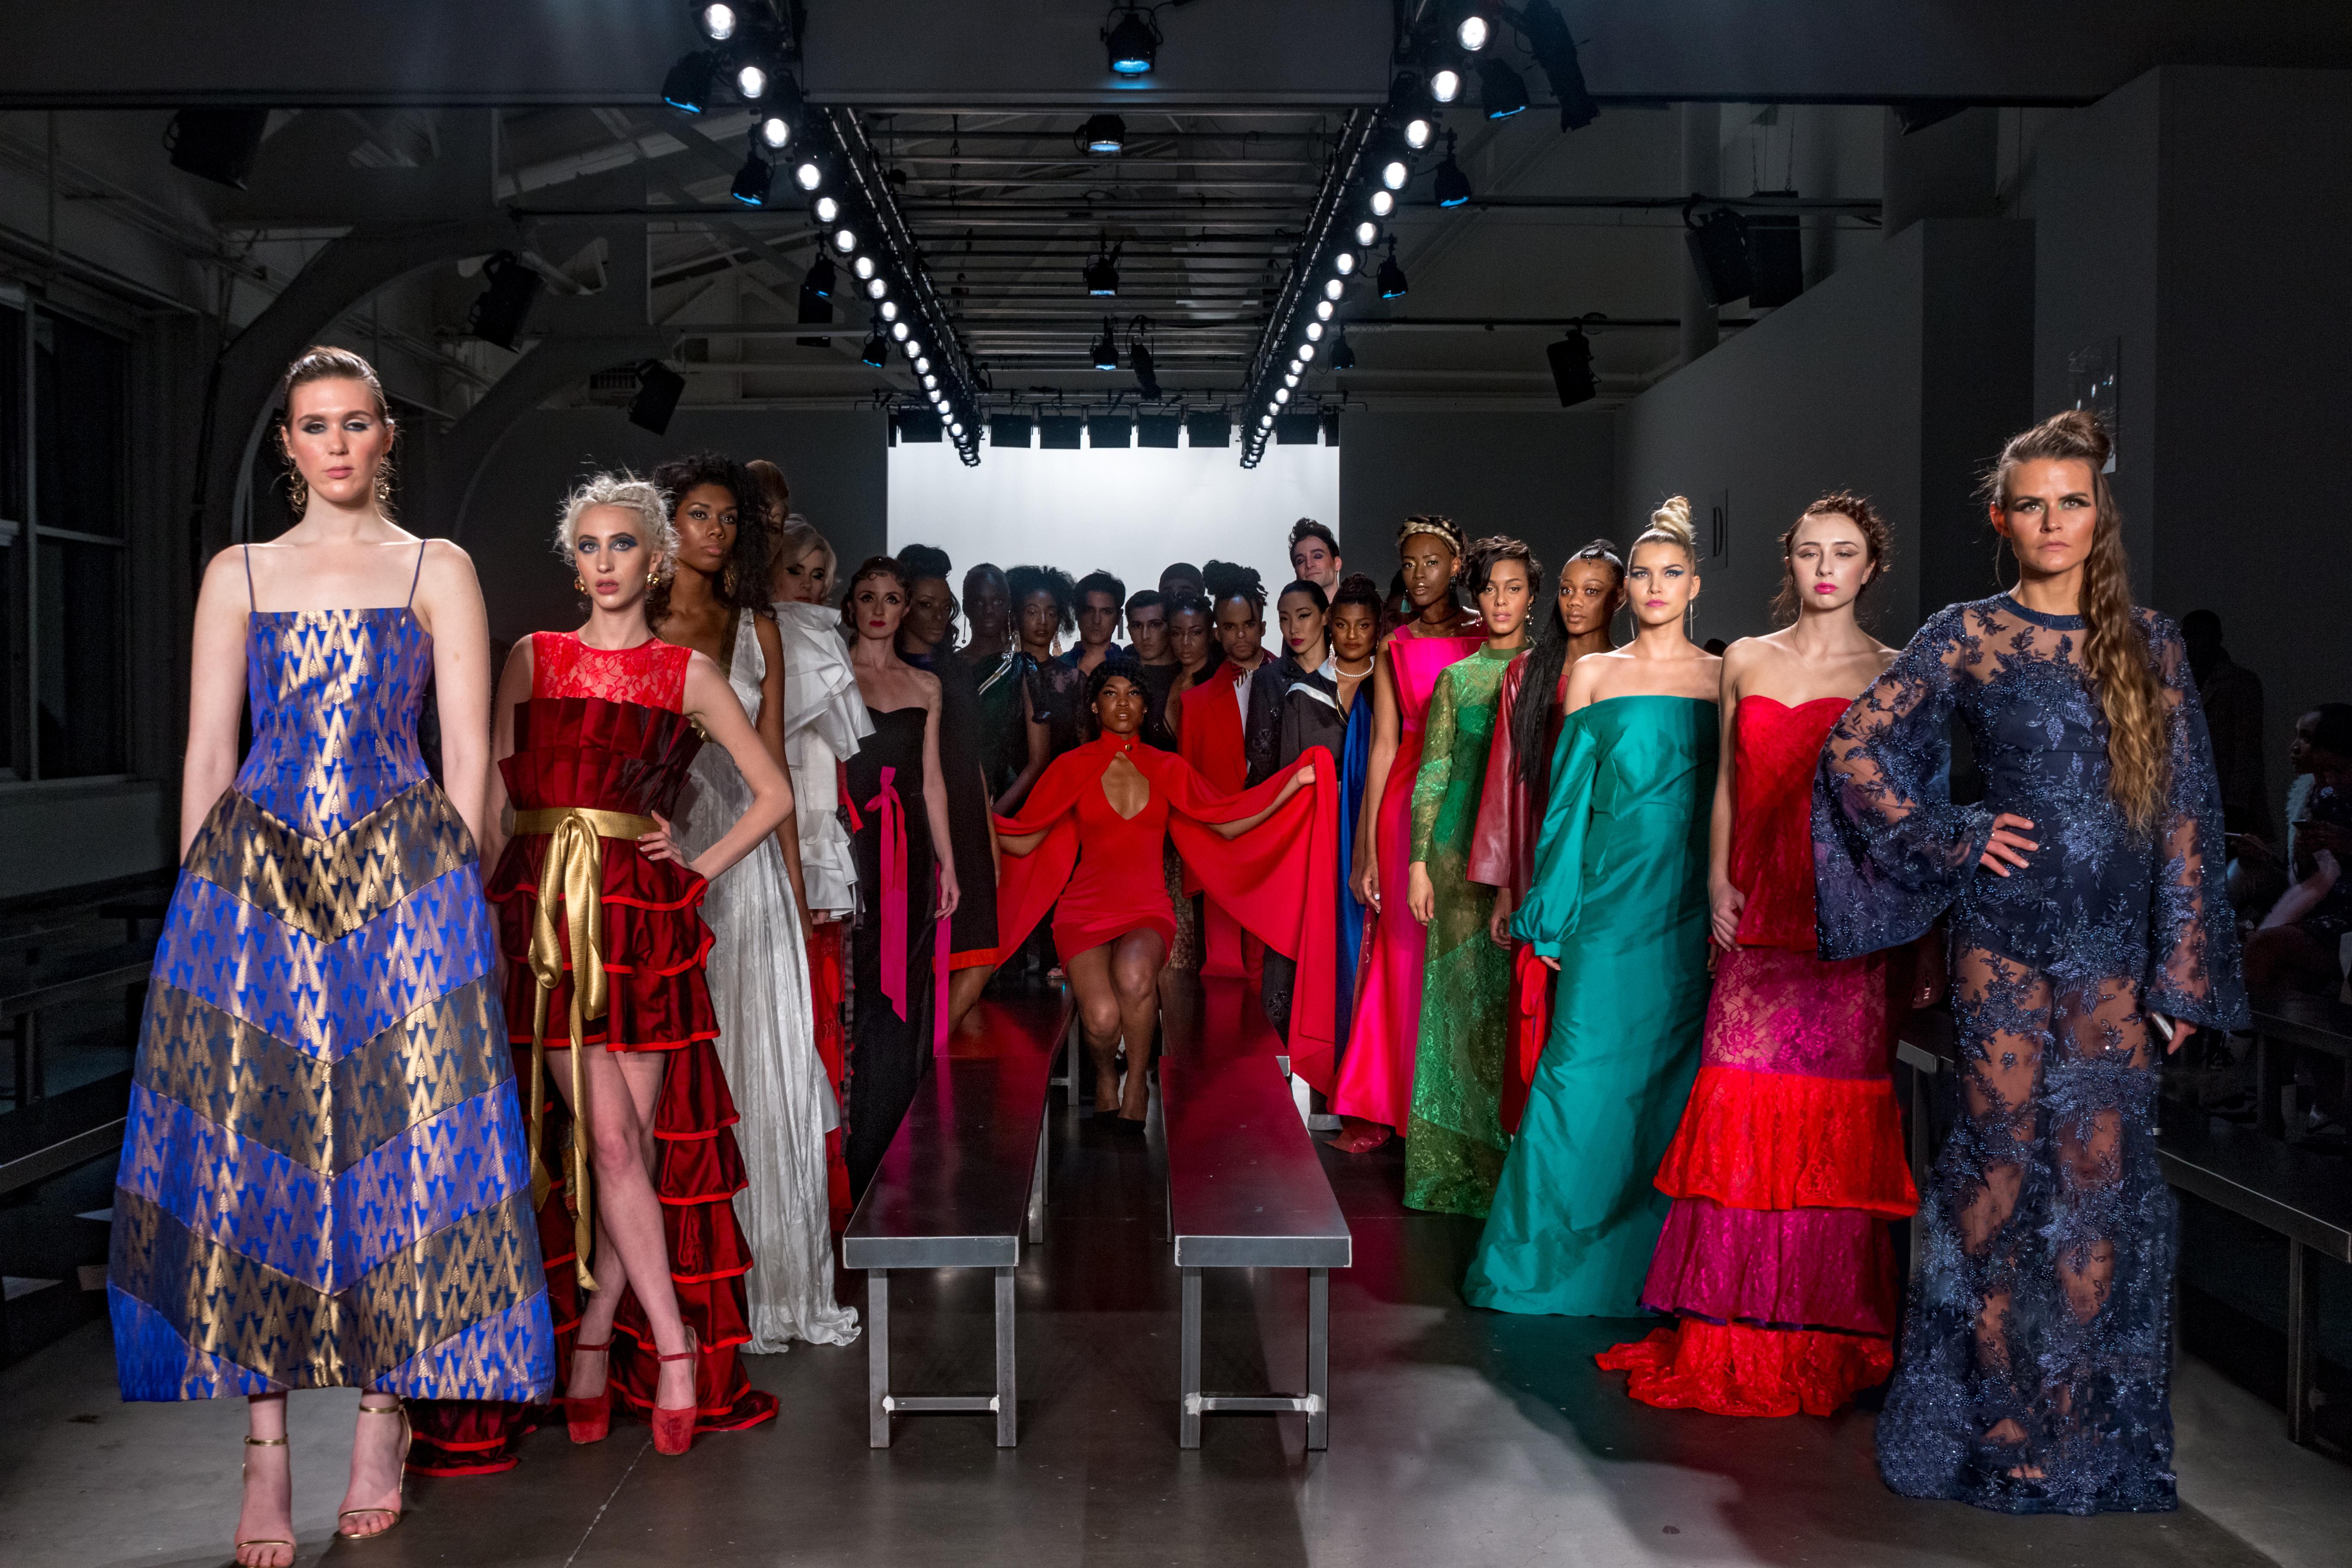 INIFD Baroda designers dazzle at World's most prestigious Fashion Show